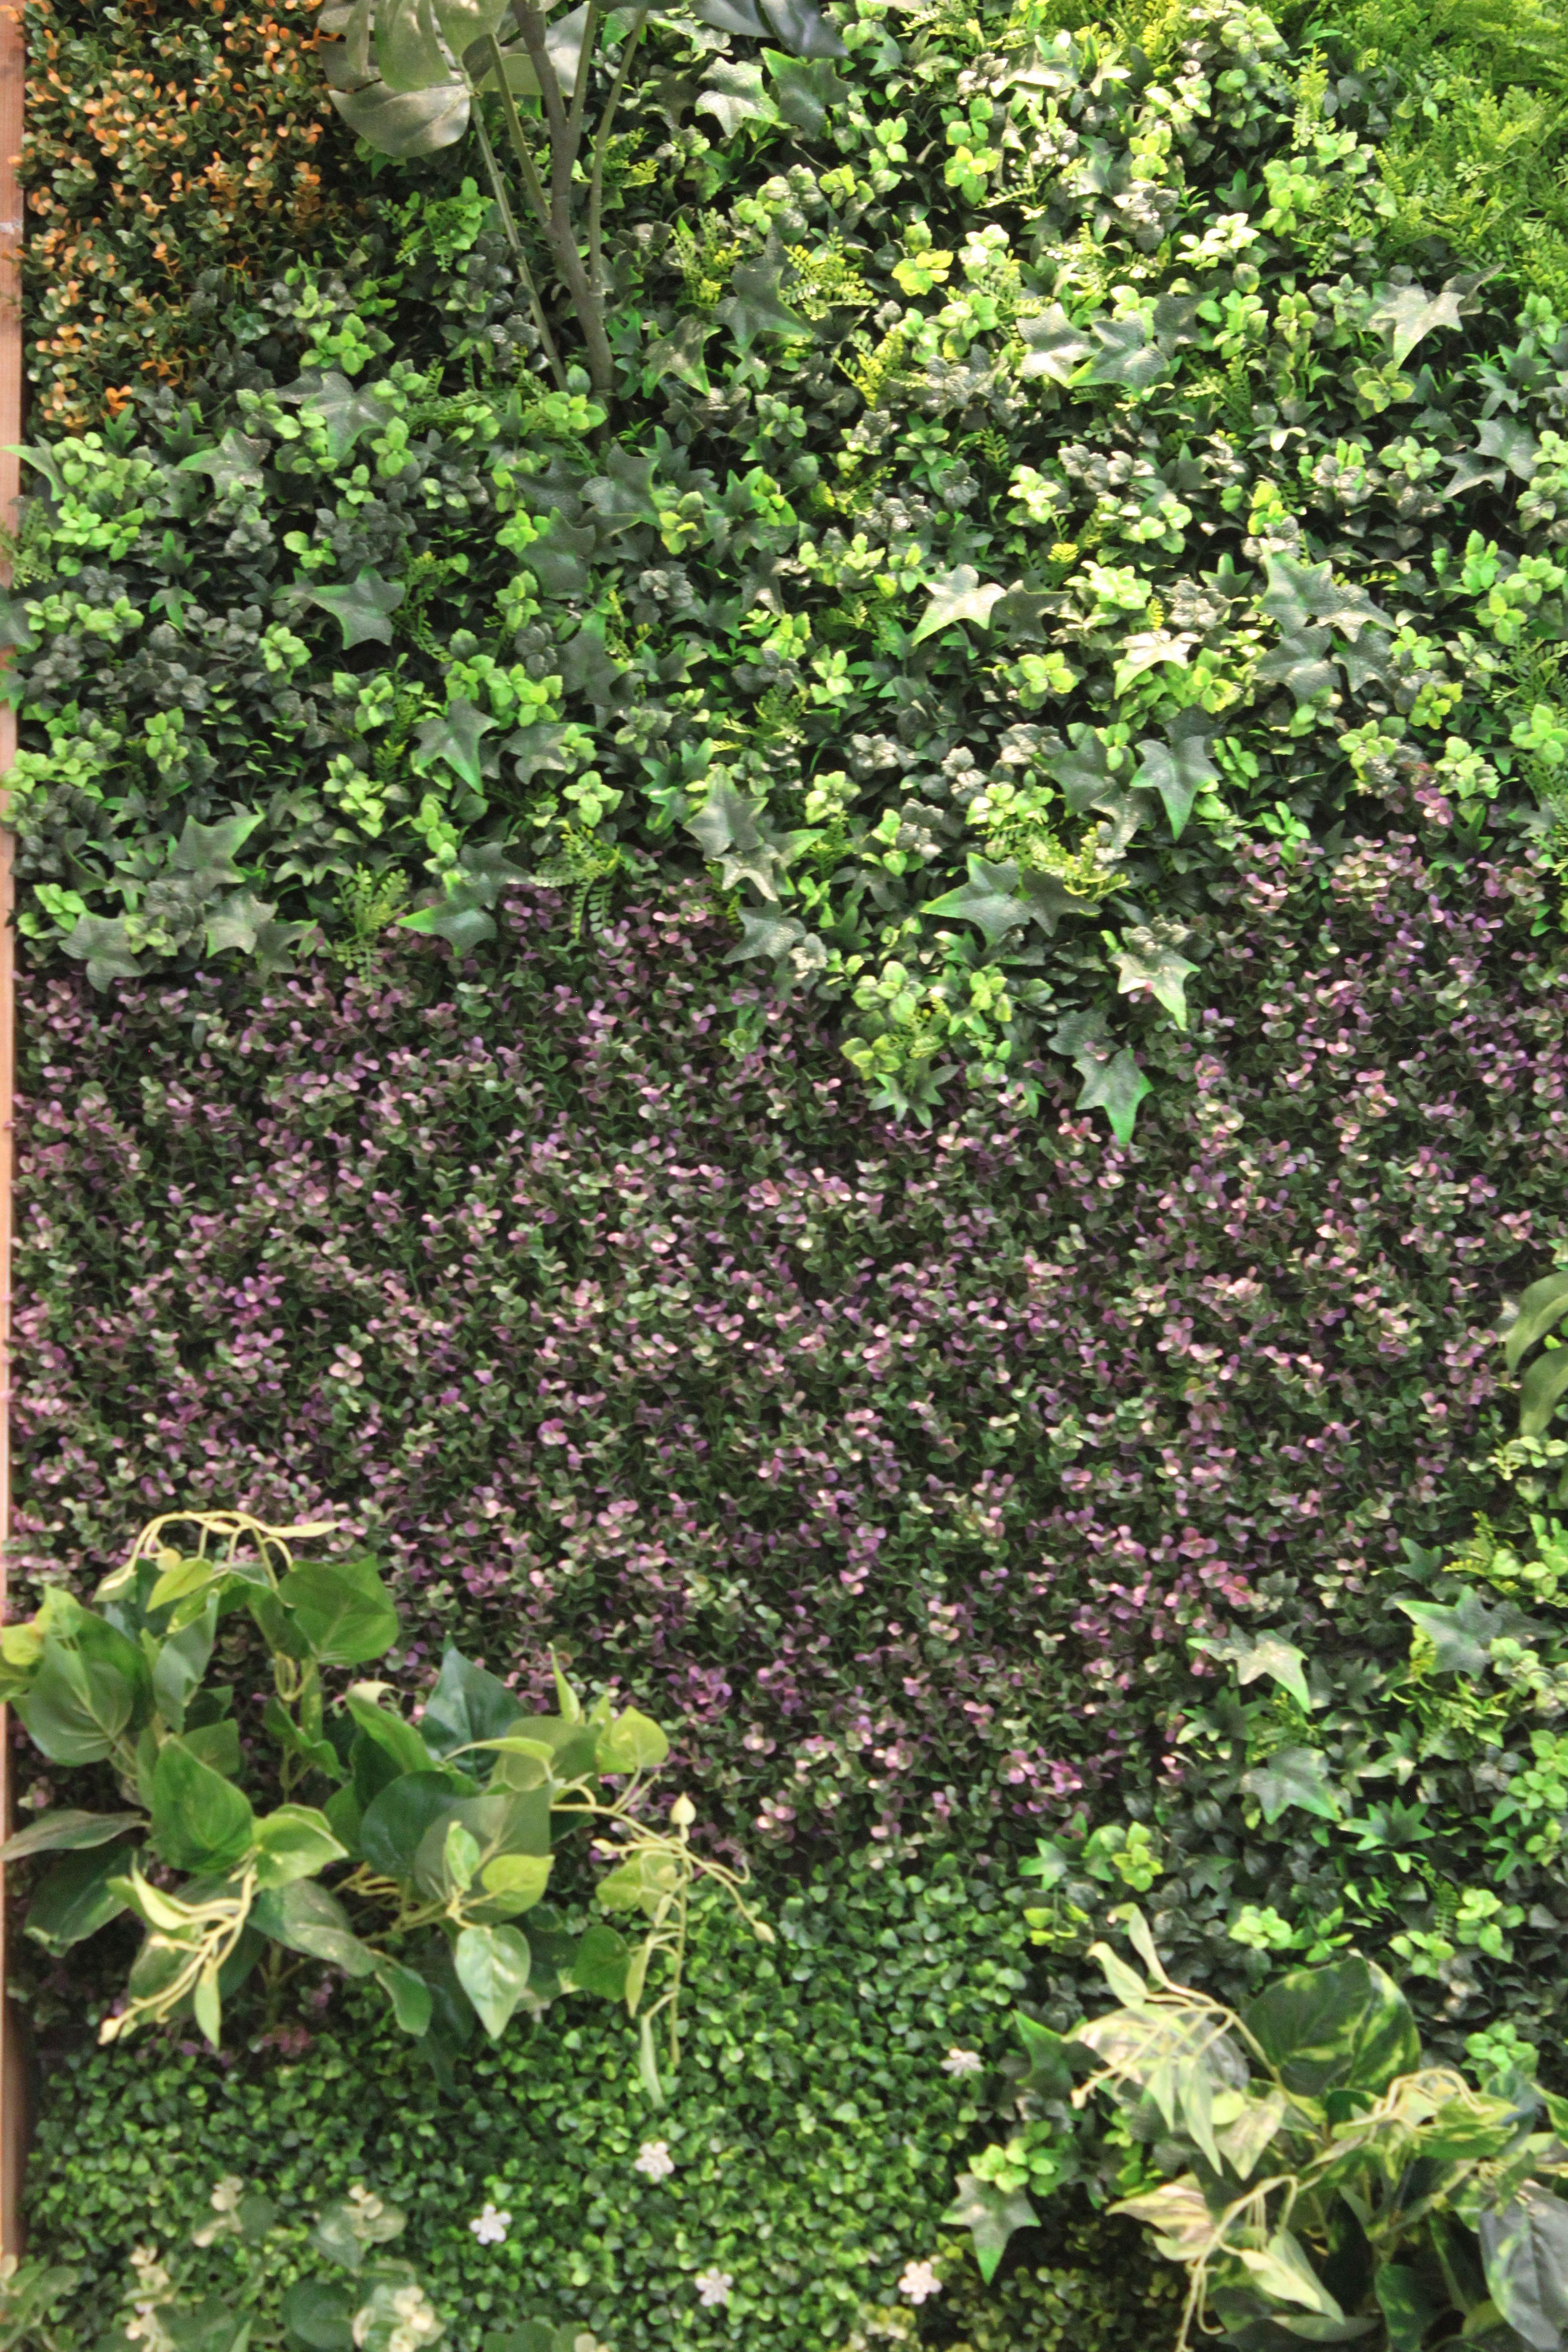 Muro verde exterior interior jardin muros verdes for Jardines verdes